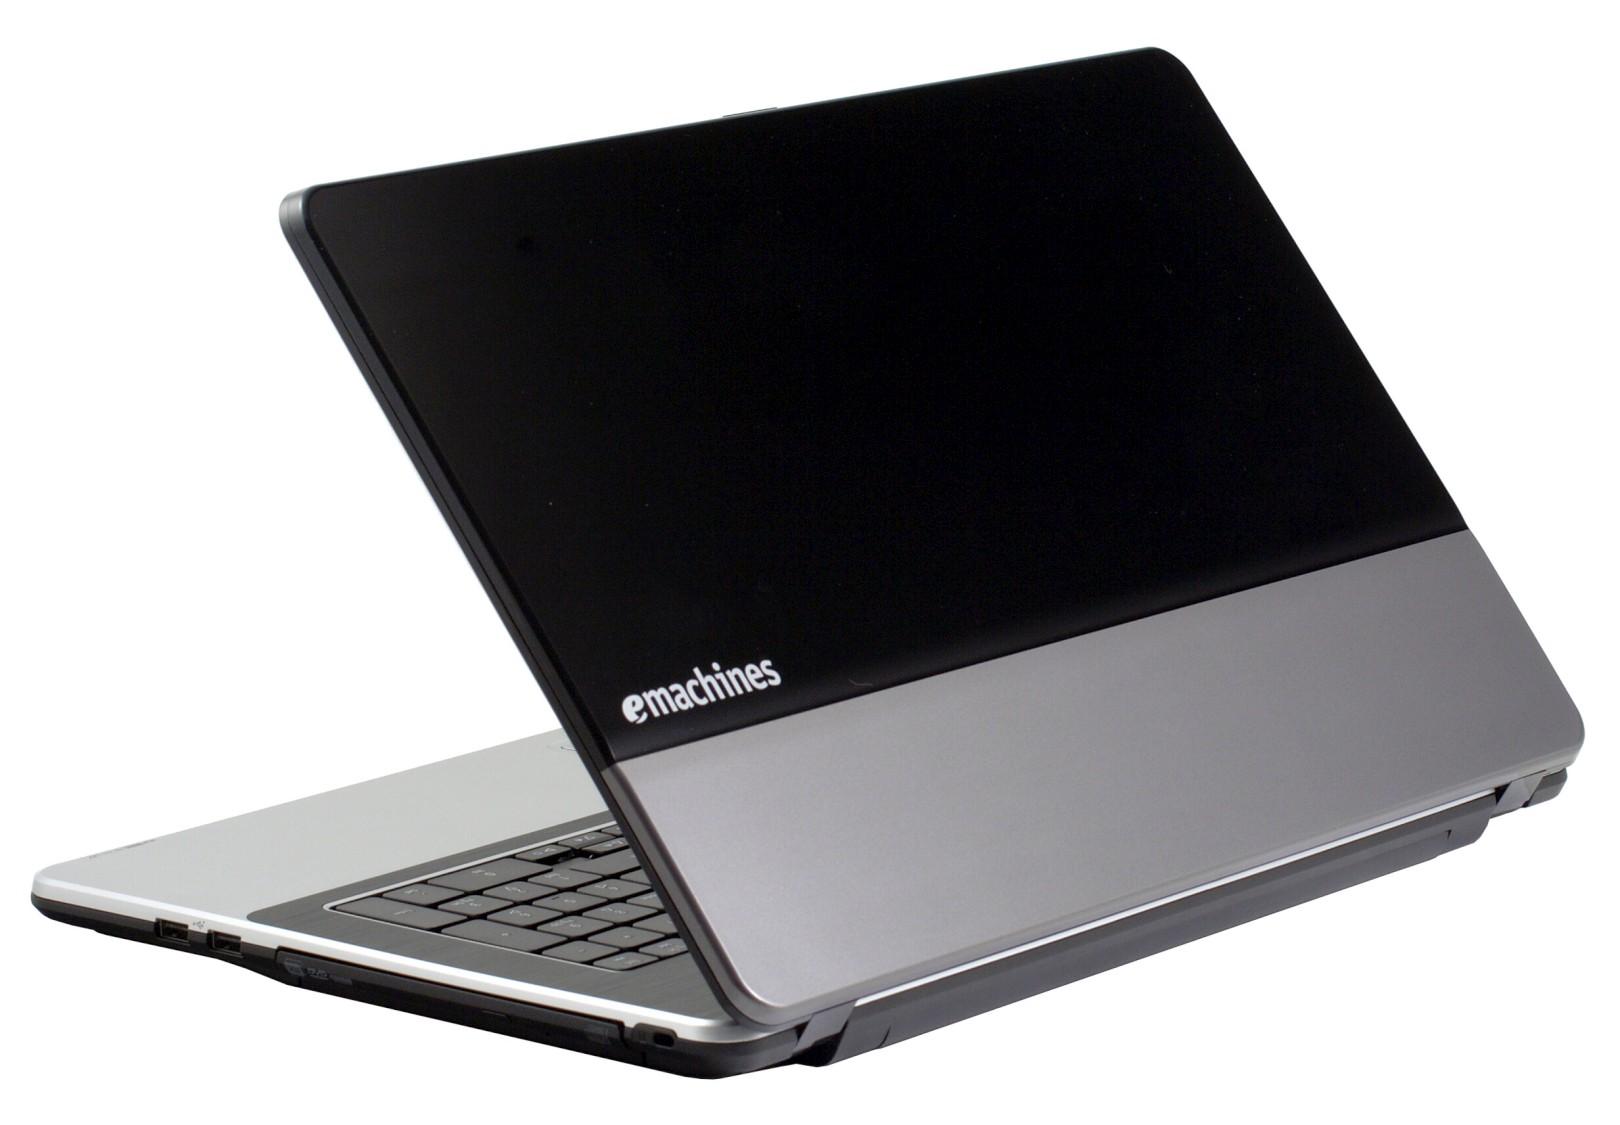 Скачать драйвера для ноутбуков Наверняка в жизни каждого из нас бывали случаи, когда возникала необходимость поиска.